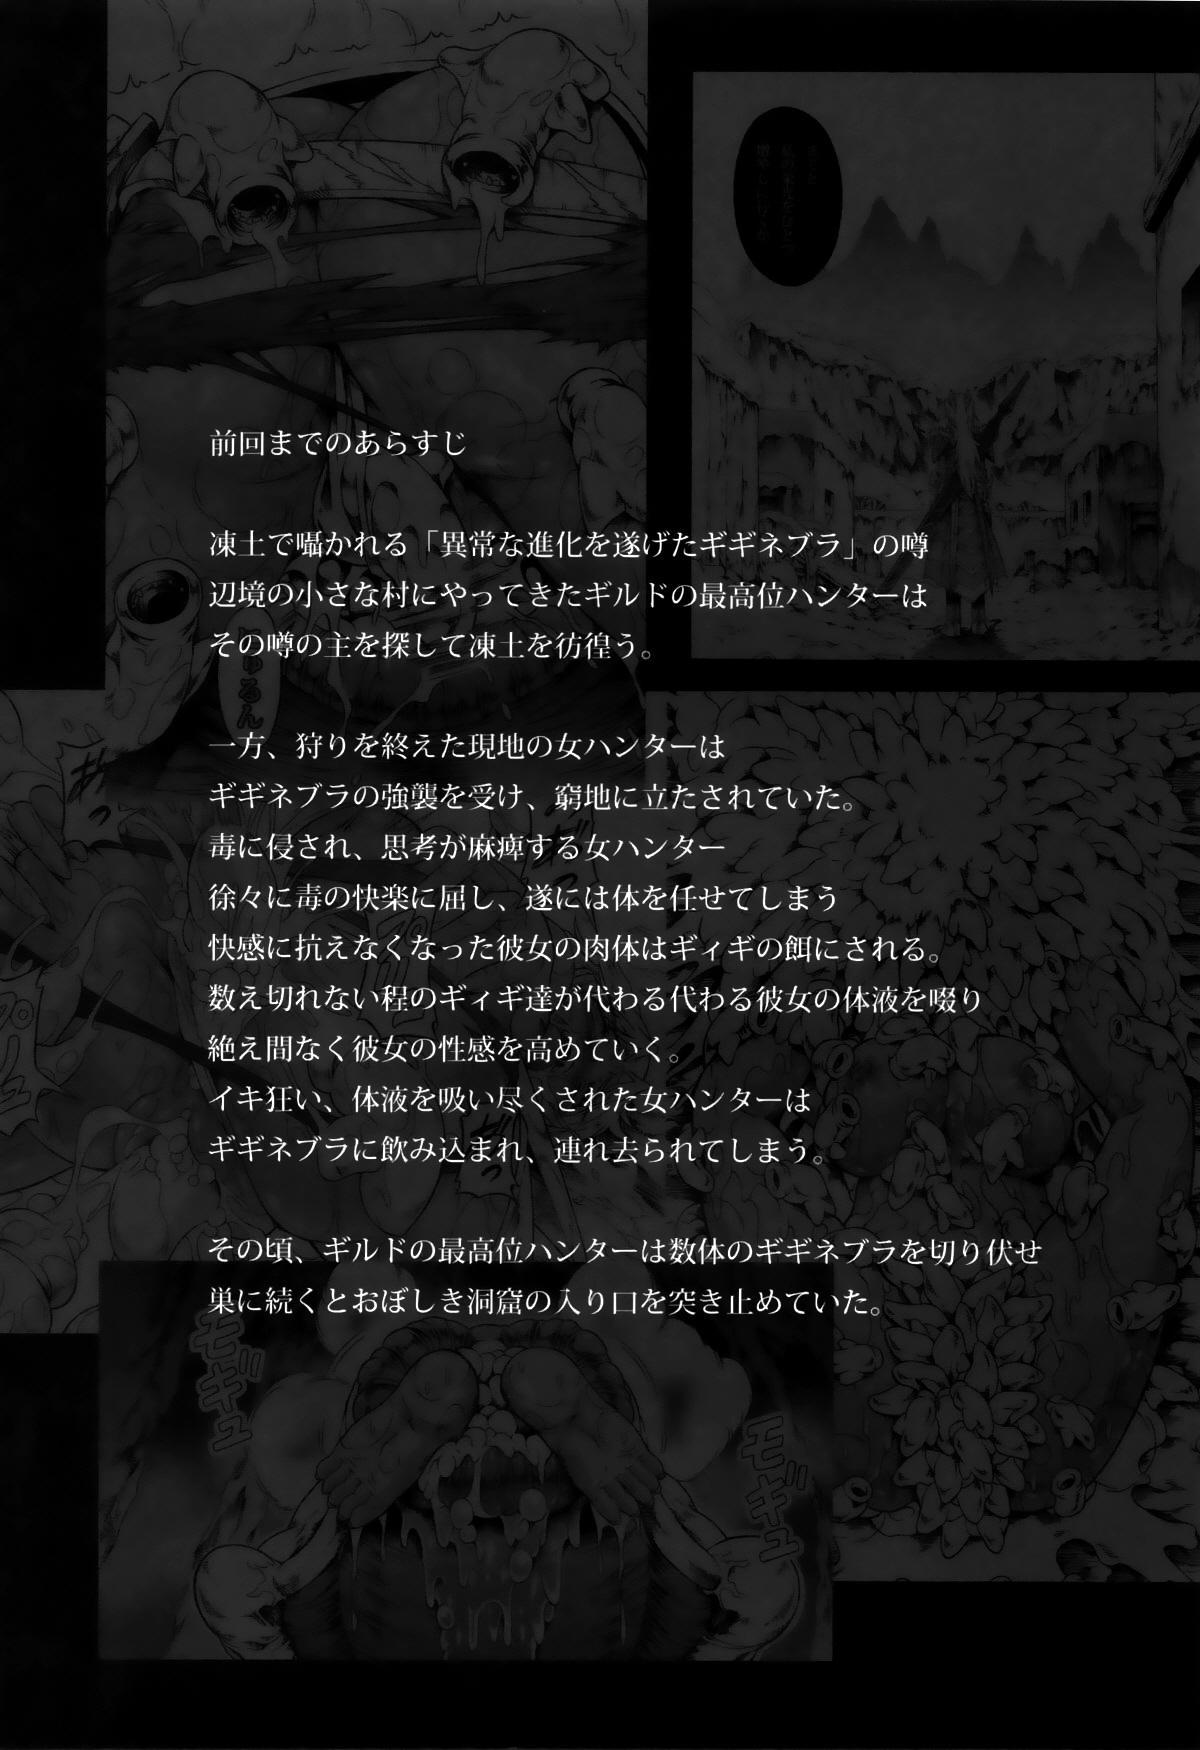 Solo Hunter no Seitai 4 The second part 2